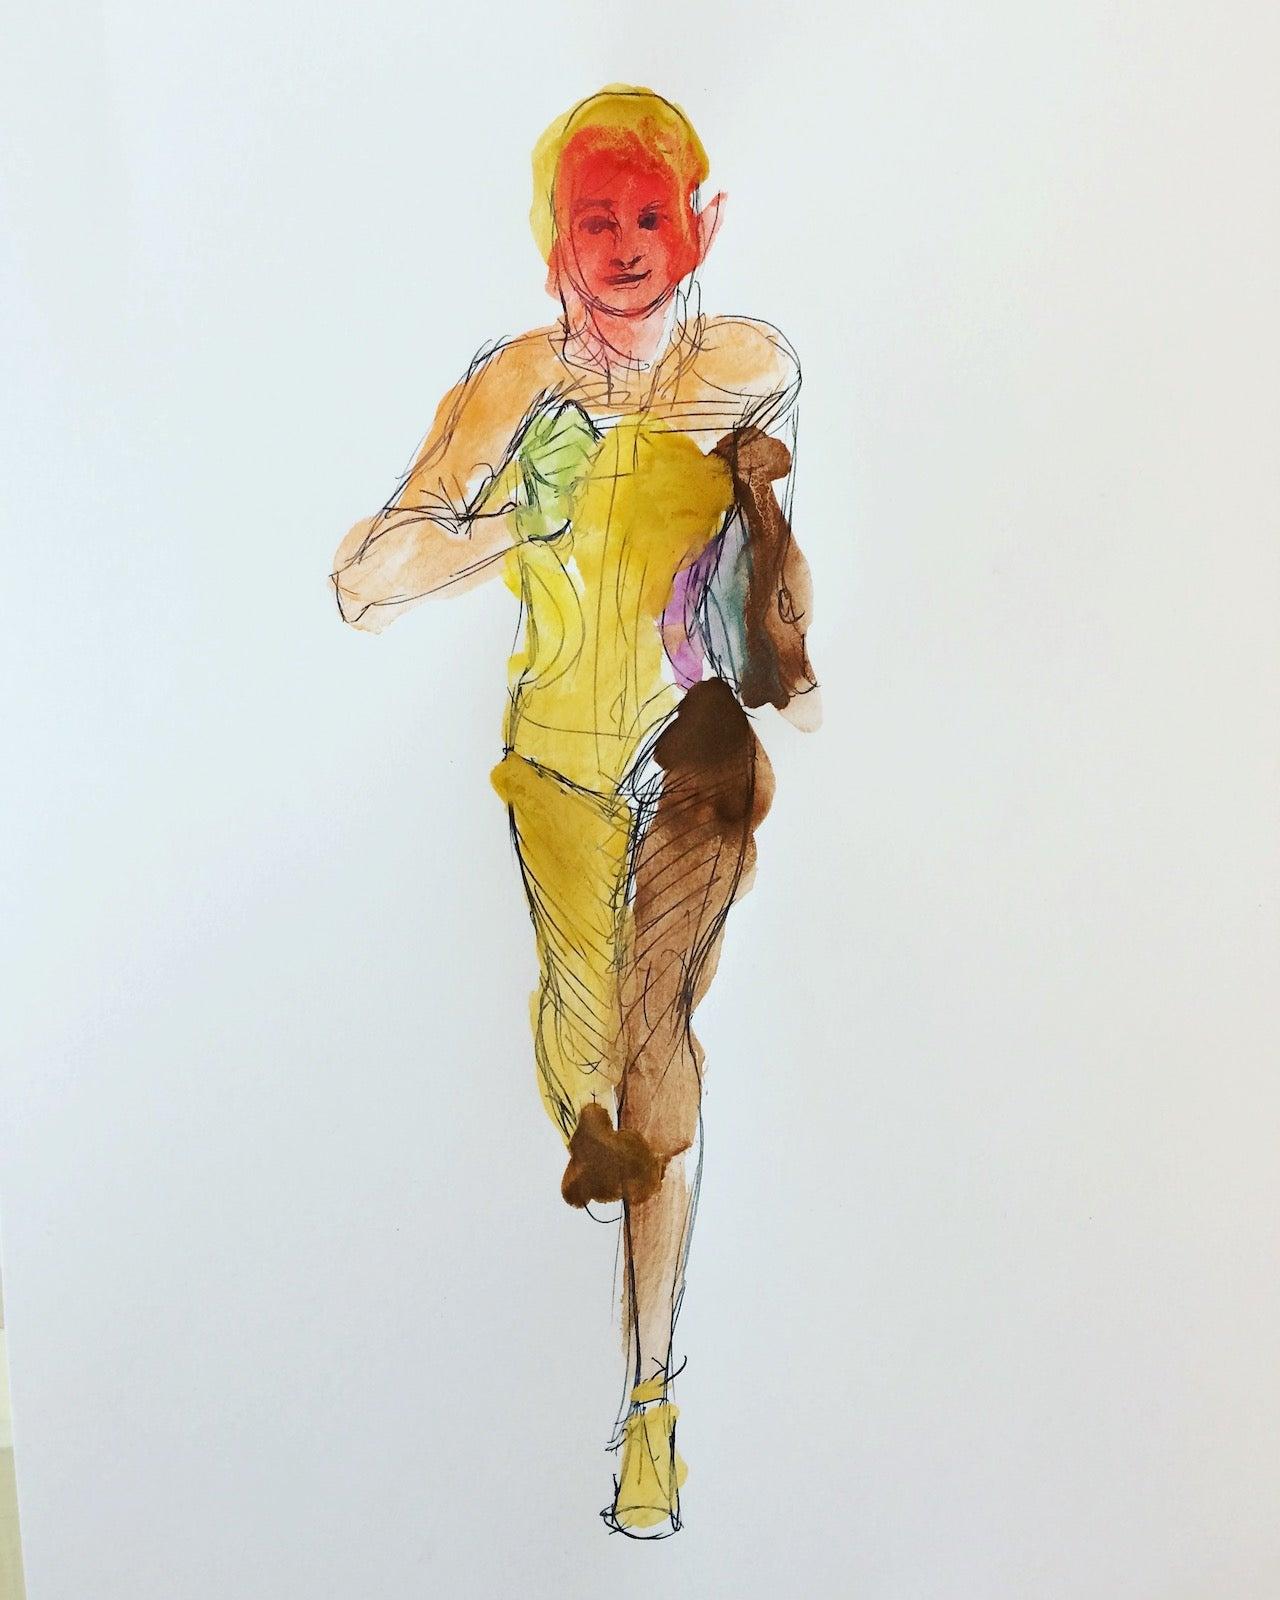 Watercolor art of a jogger